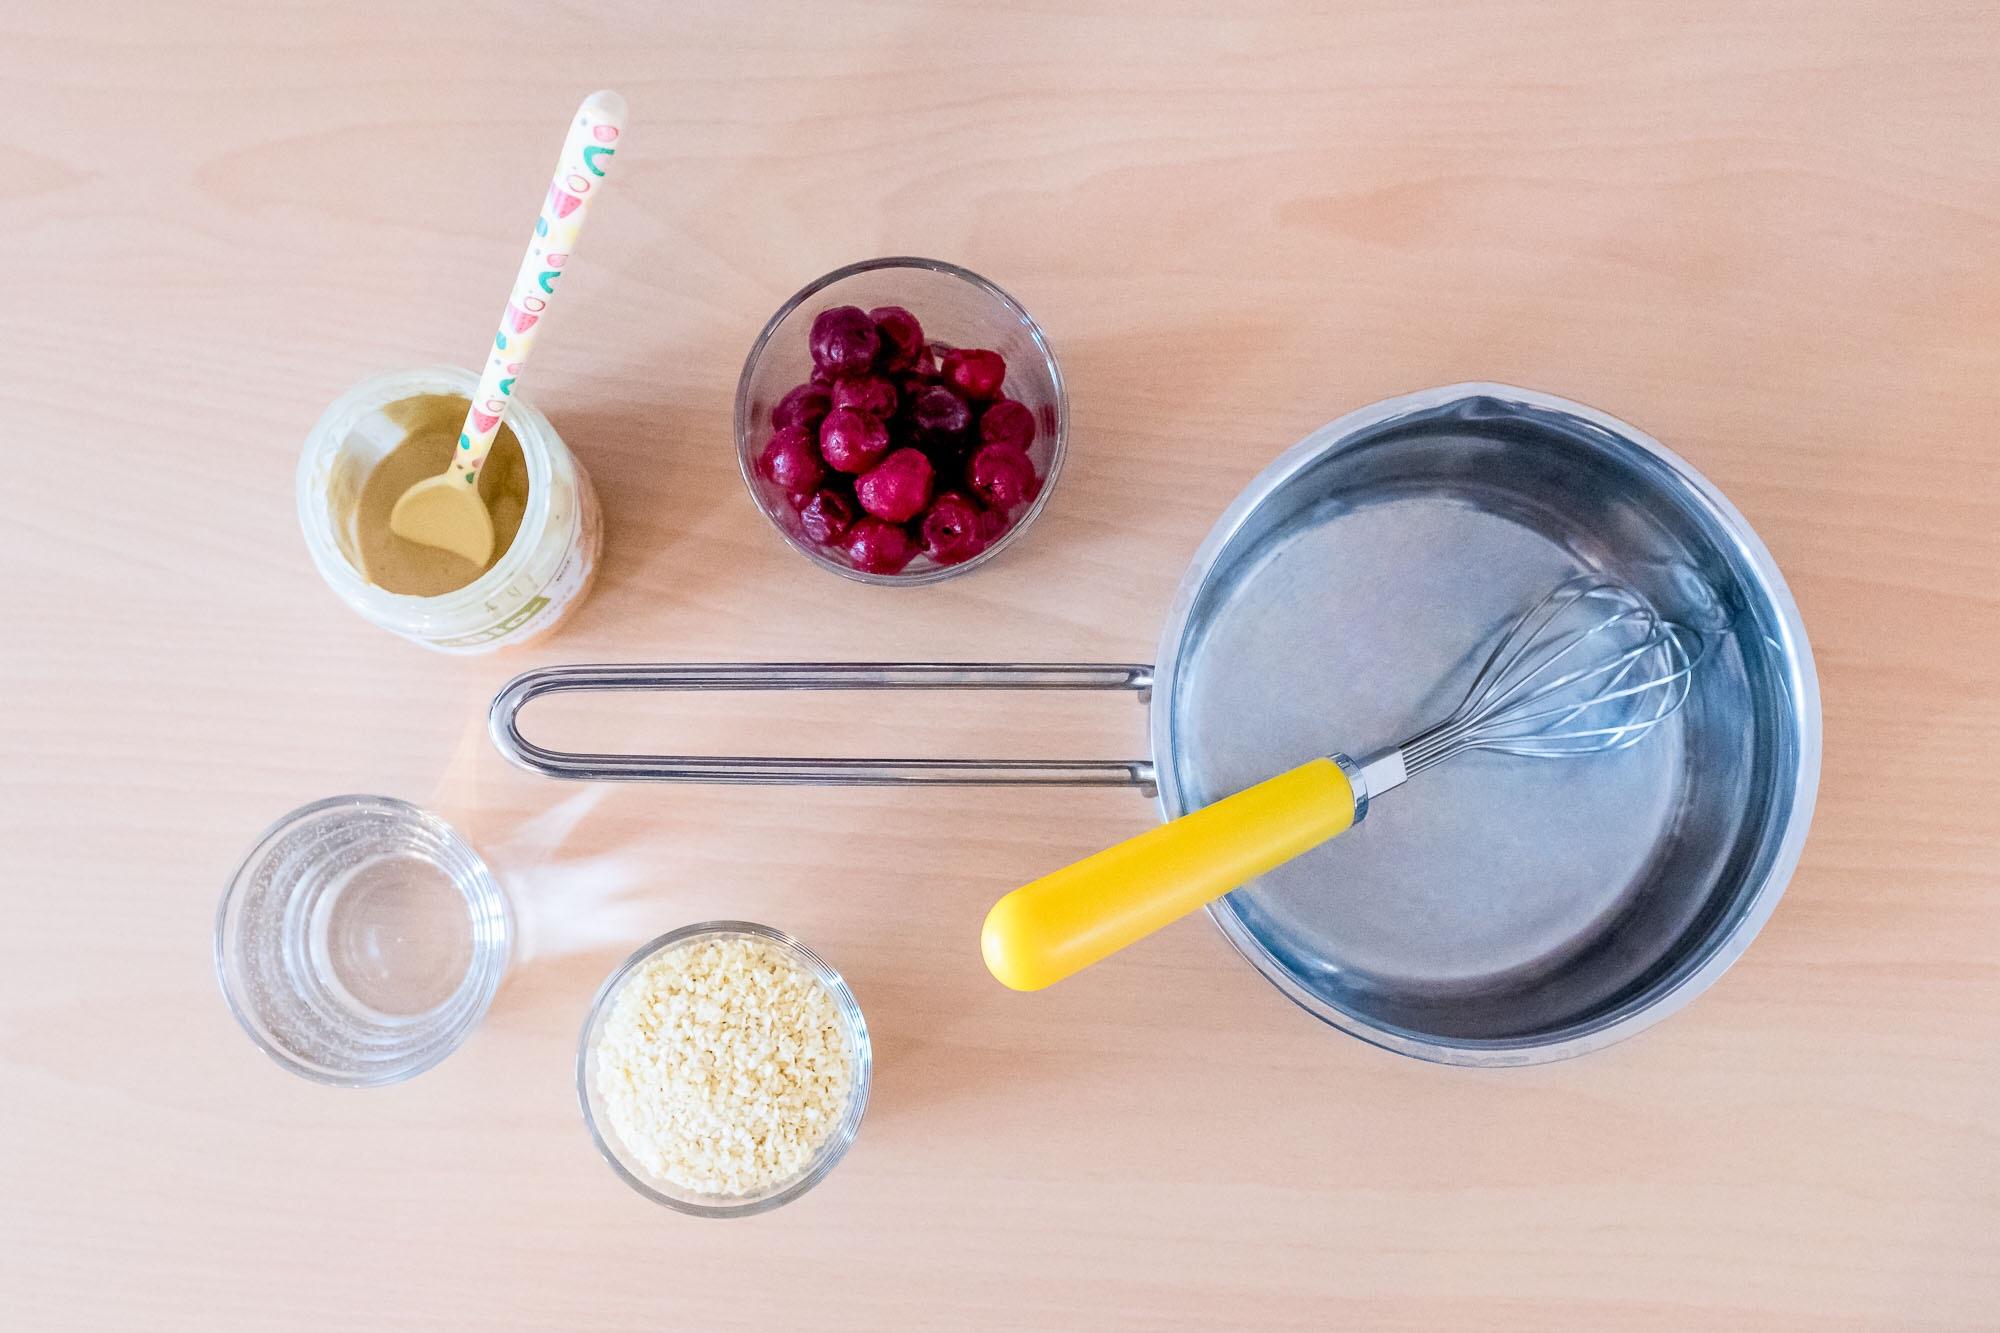 Alle Zutaten für einen leckeren Hirsebrei mit Obst / Kirschen.